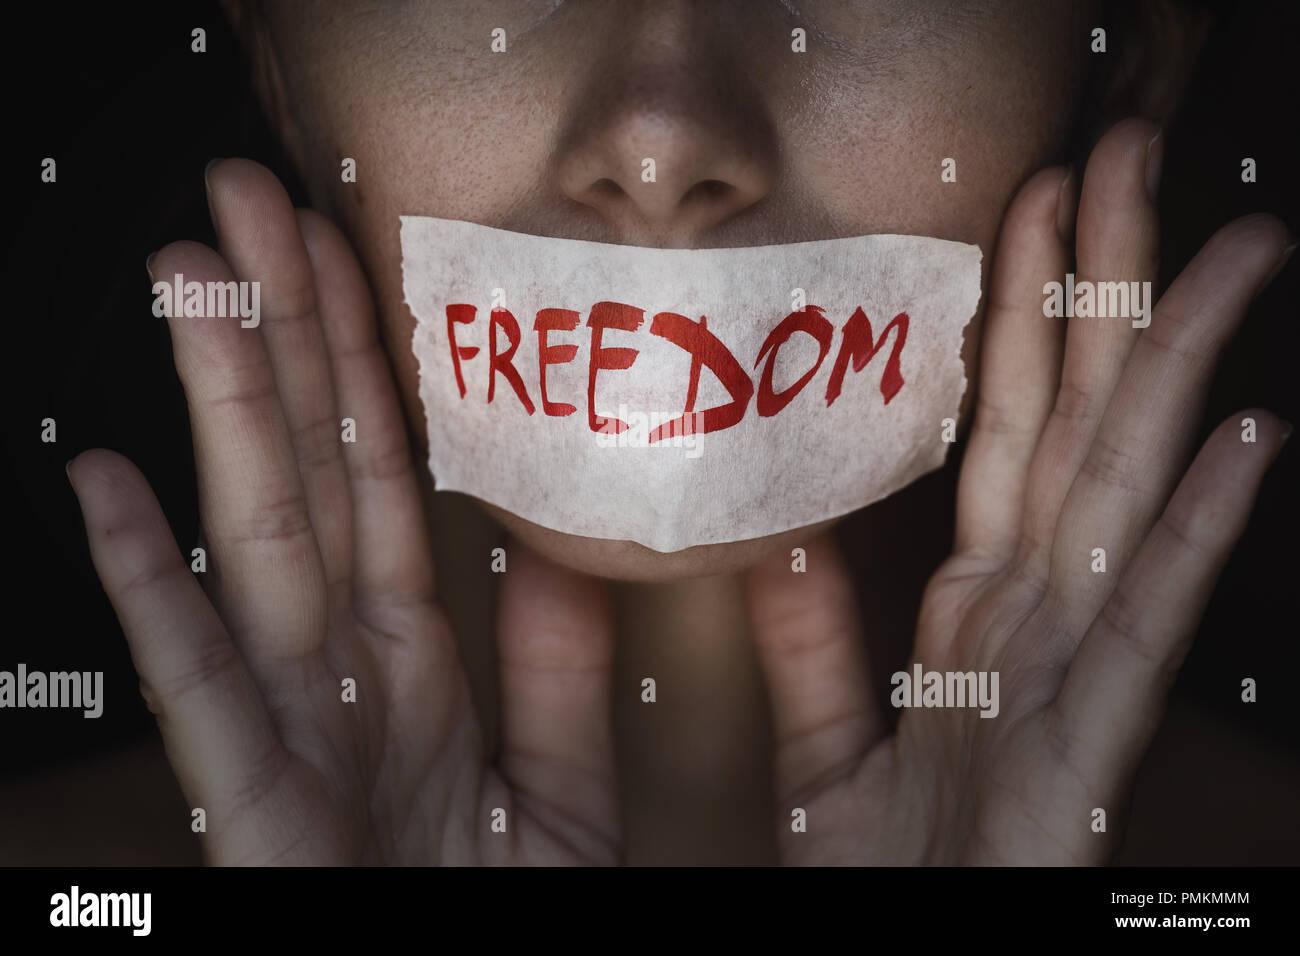 Begriff der Freiheit Rede: Mund einer Person ist mit einem Klebeband verschlossen, Nahaufnahme Stockbild